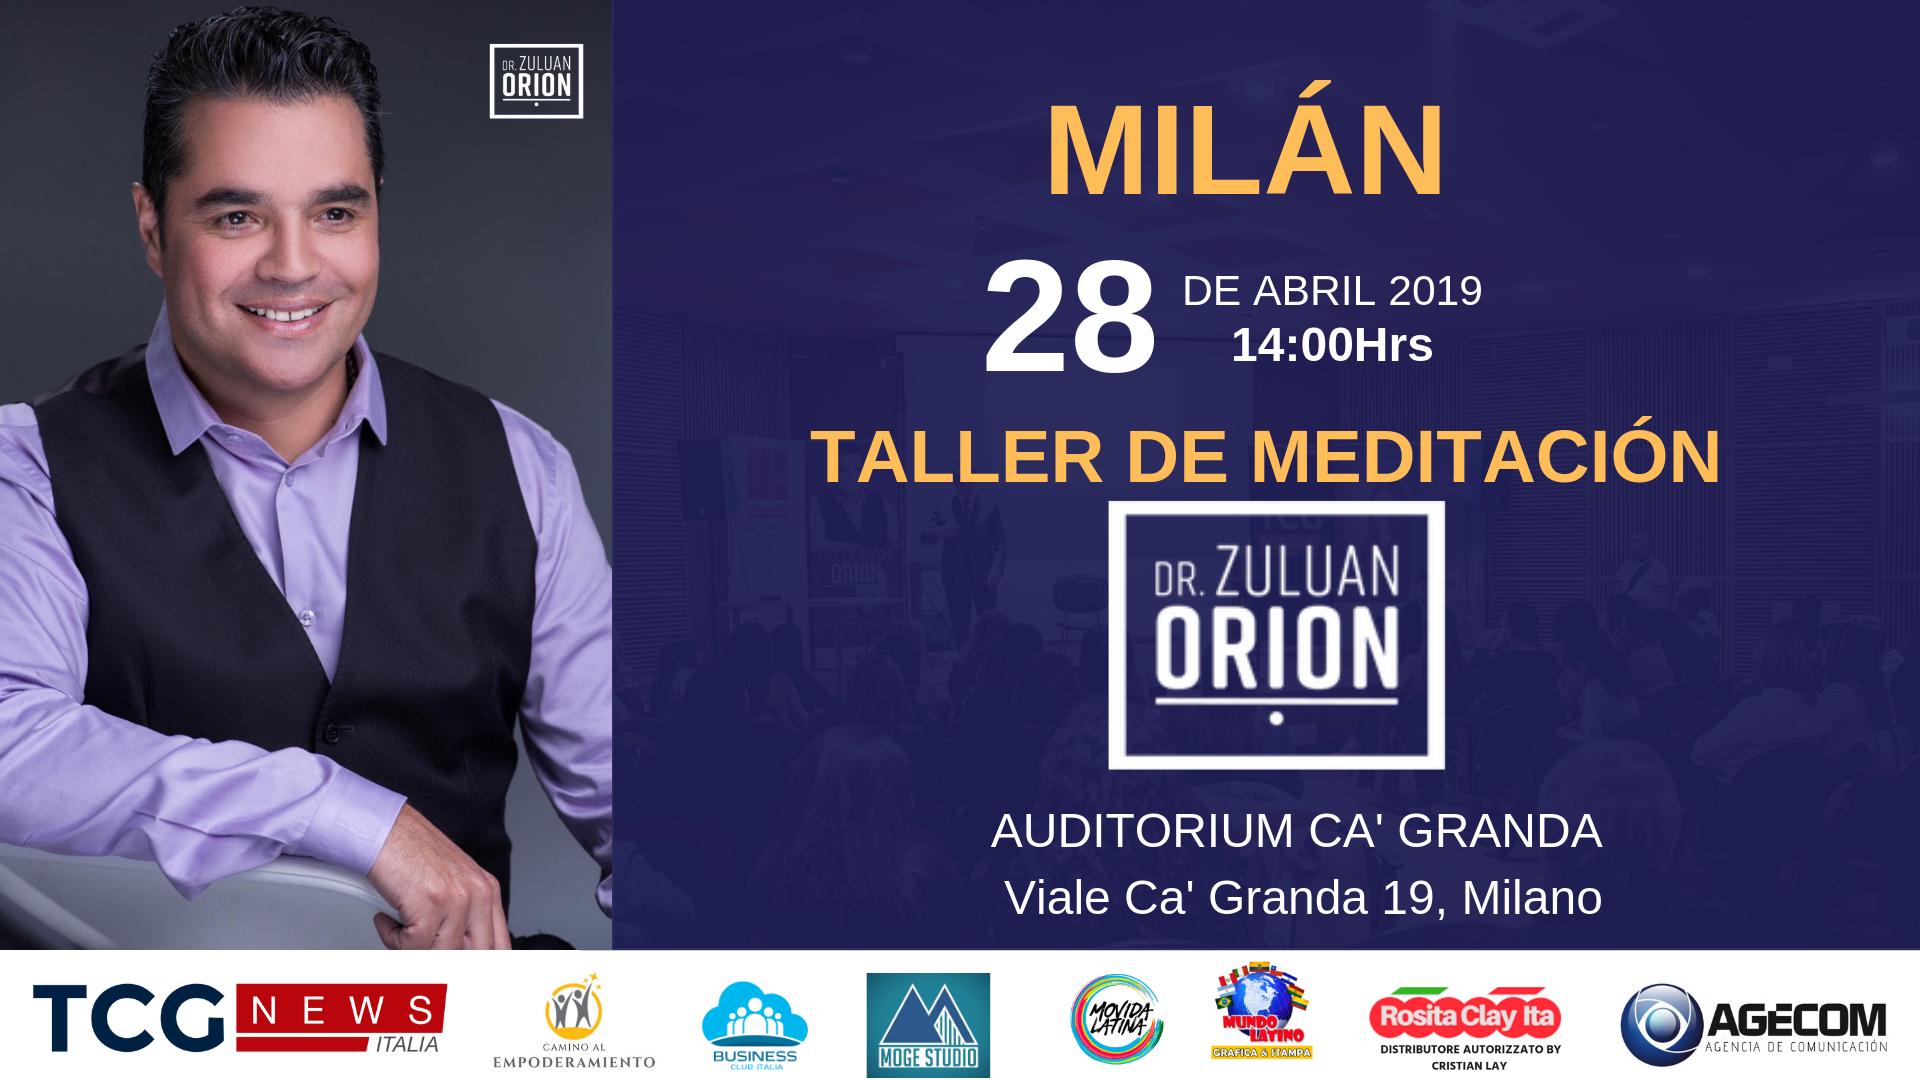 MILÁN: TALLER DE MEDITACIÓN CON EL DR. ZULUAN ORION